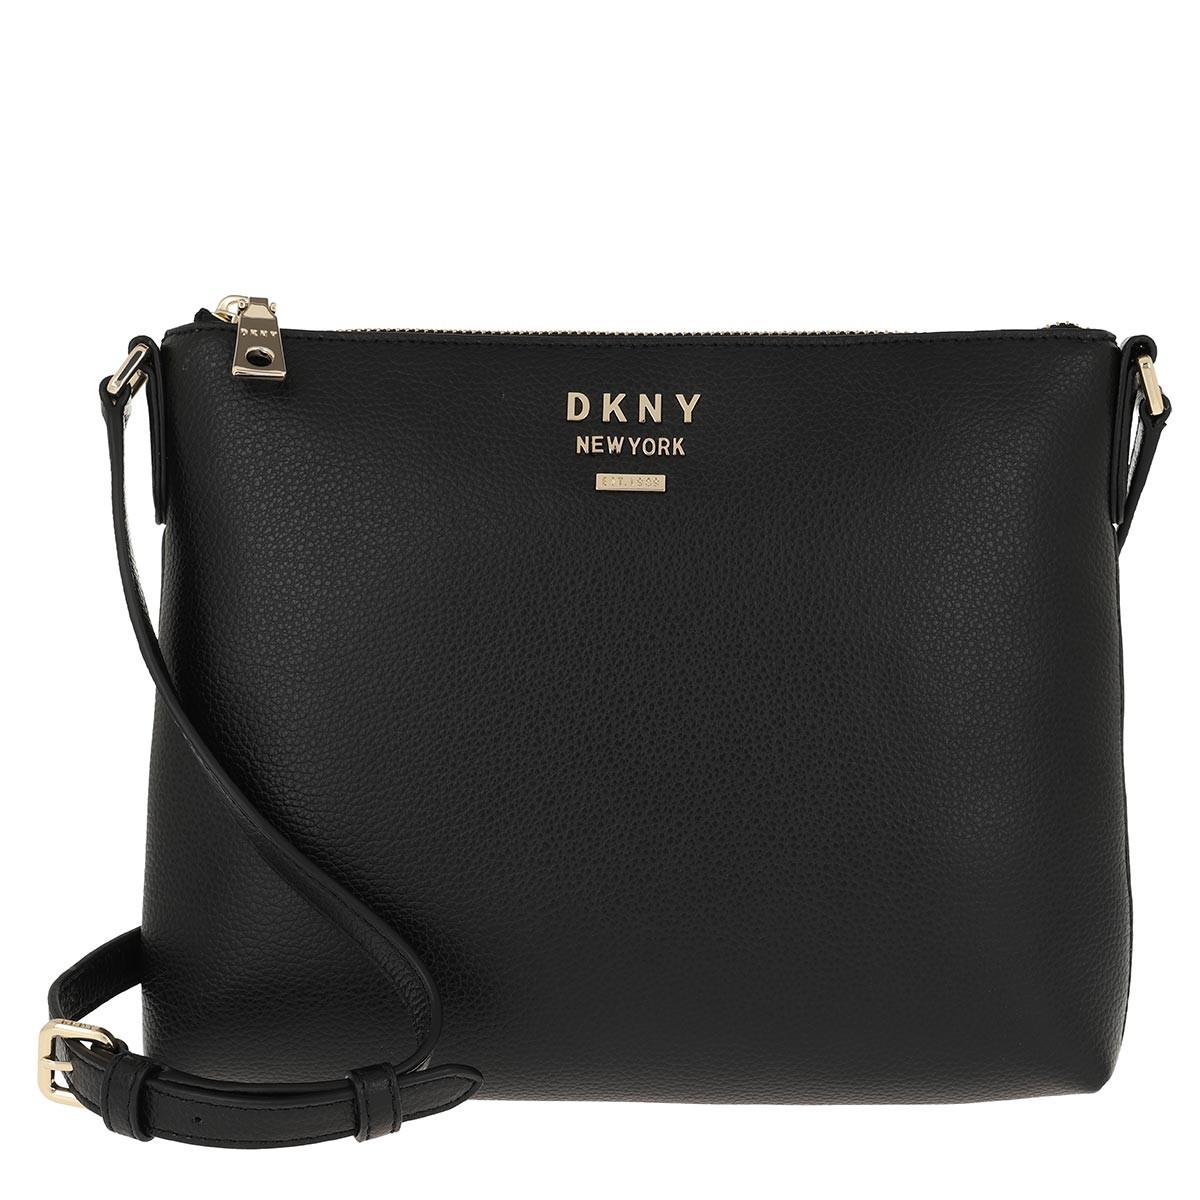 DKNY Umhängetasche - Whitney Flat Crossbody Black/Gold - in schwarz - für Damen